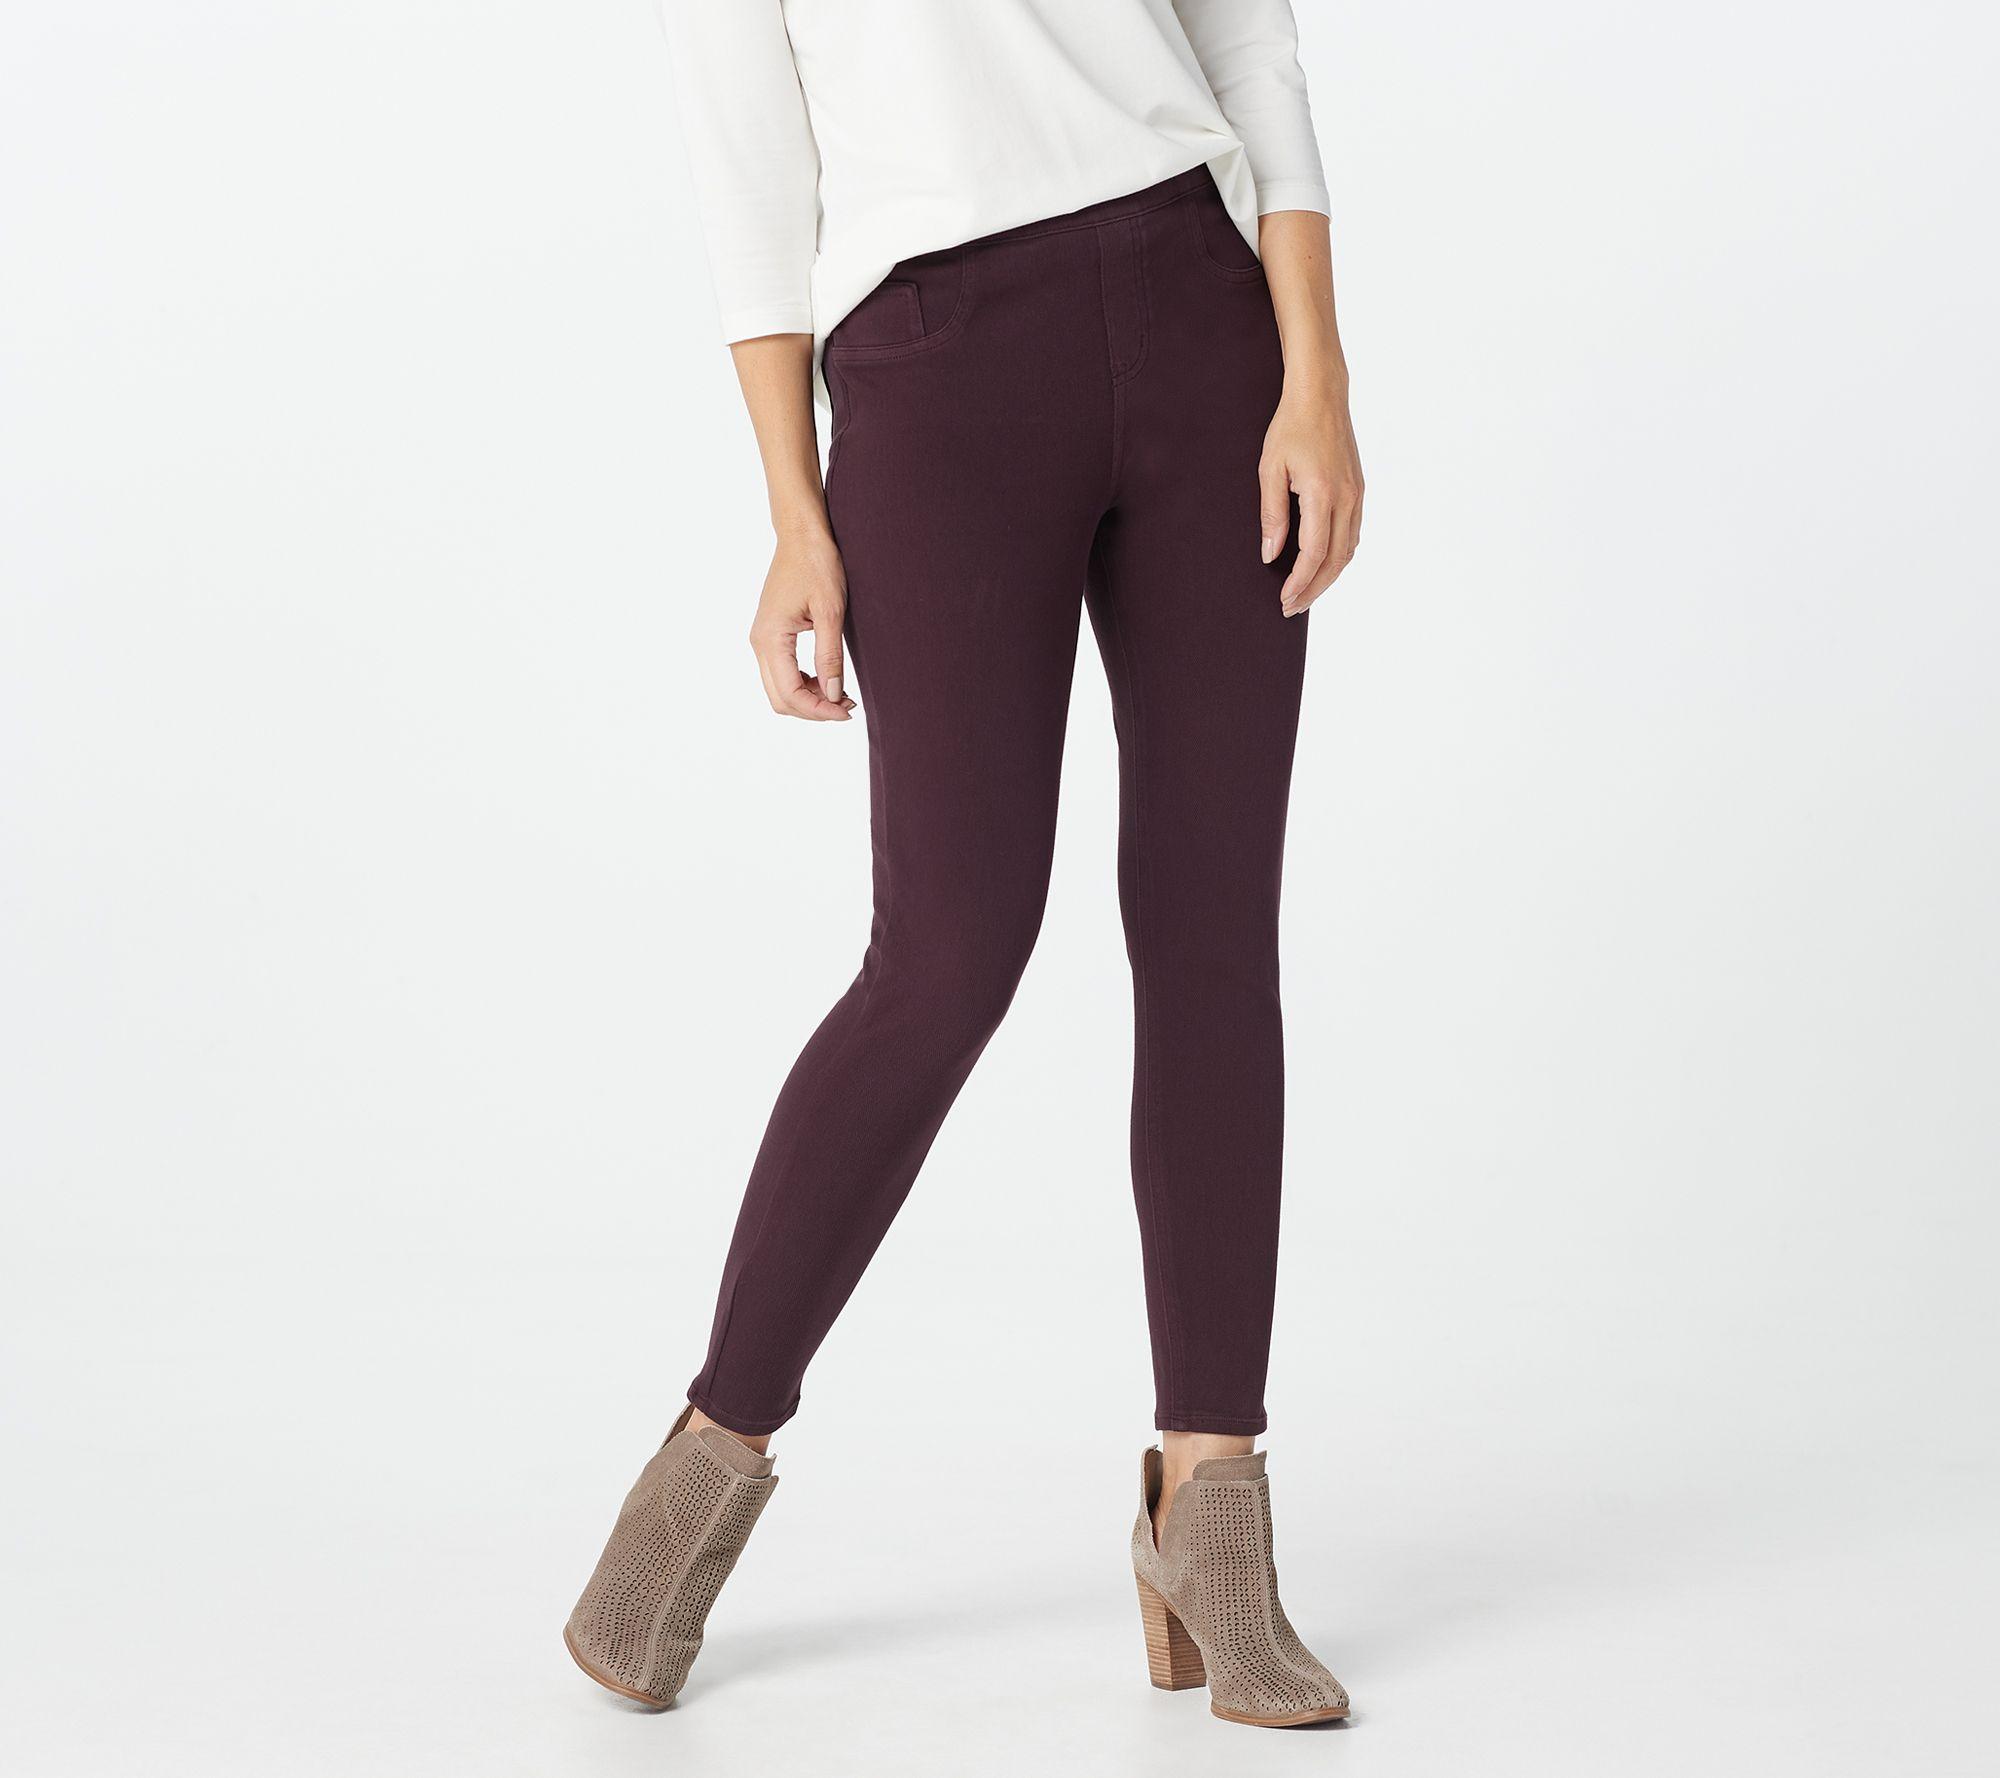 Guantity limitata più popolare comprare nuovo Spanx Jean-ish Ankle Length Leggings Regular — QVC.com